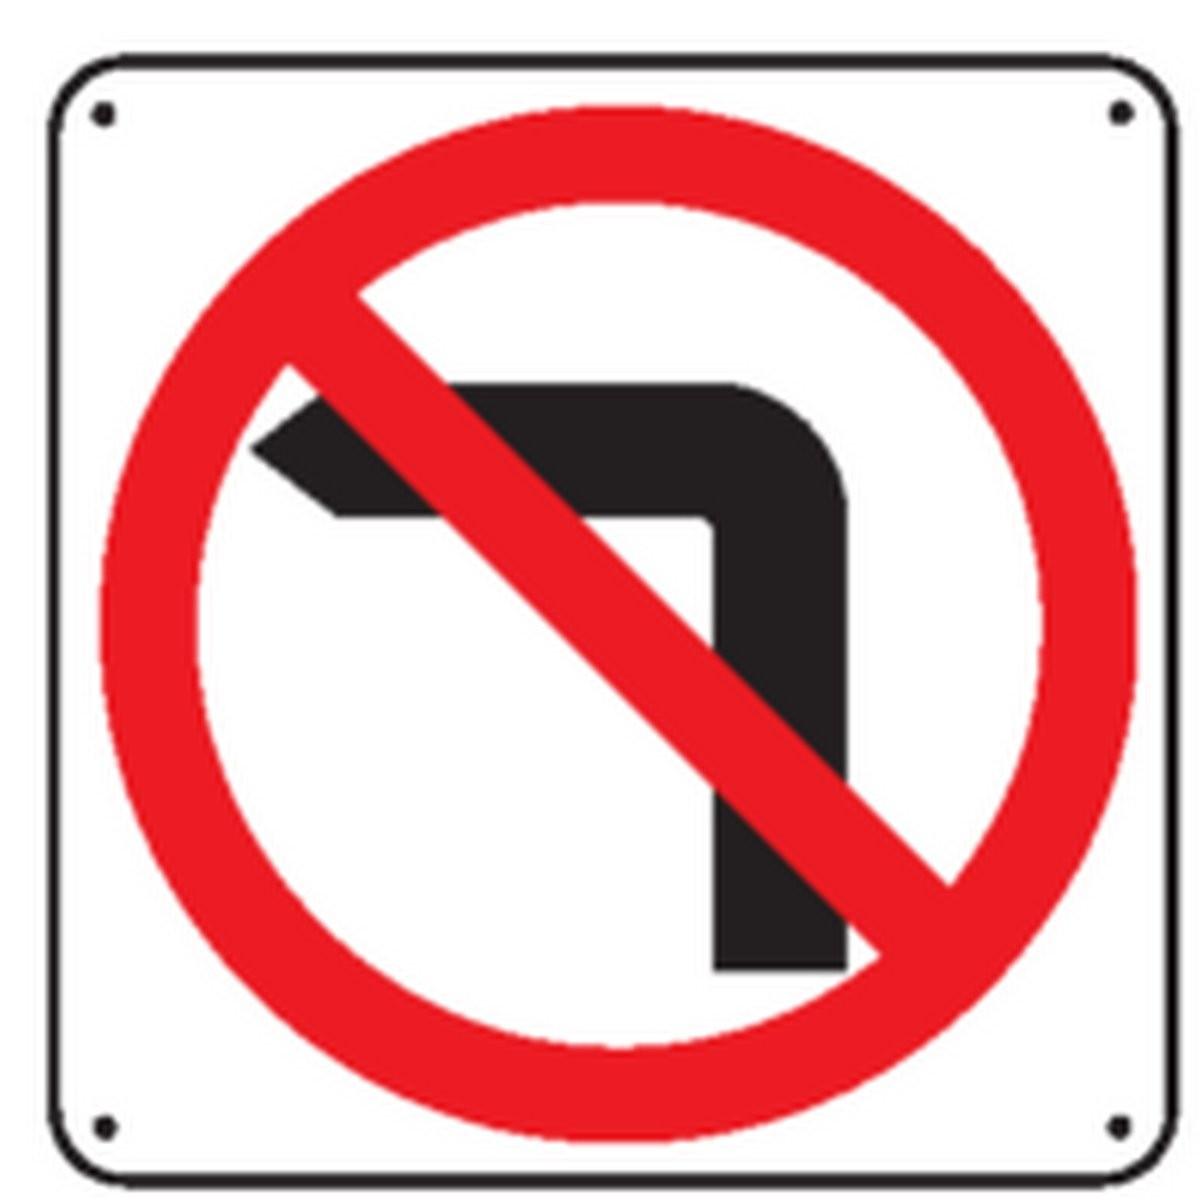 Panneau Défense de tourner à gauche